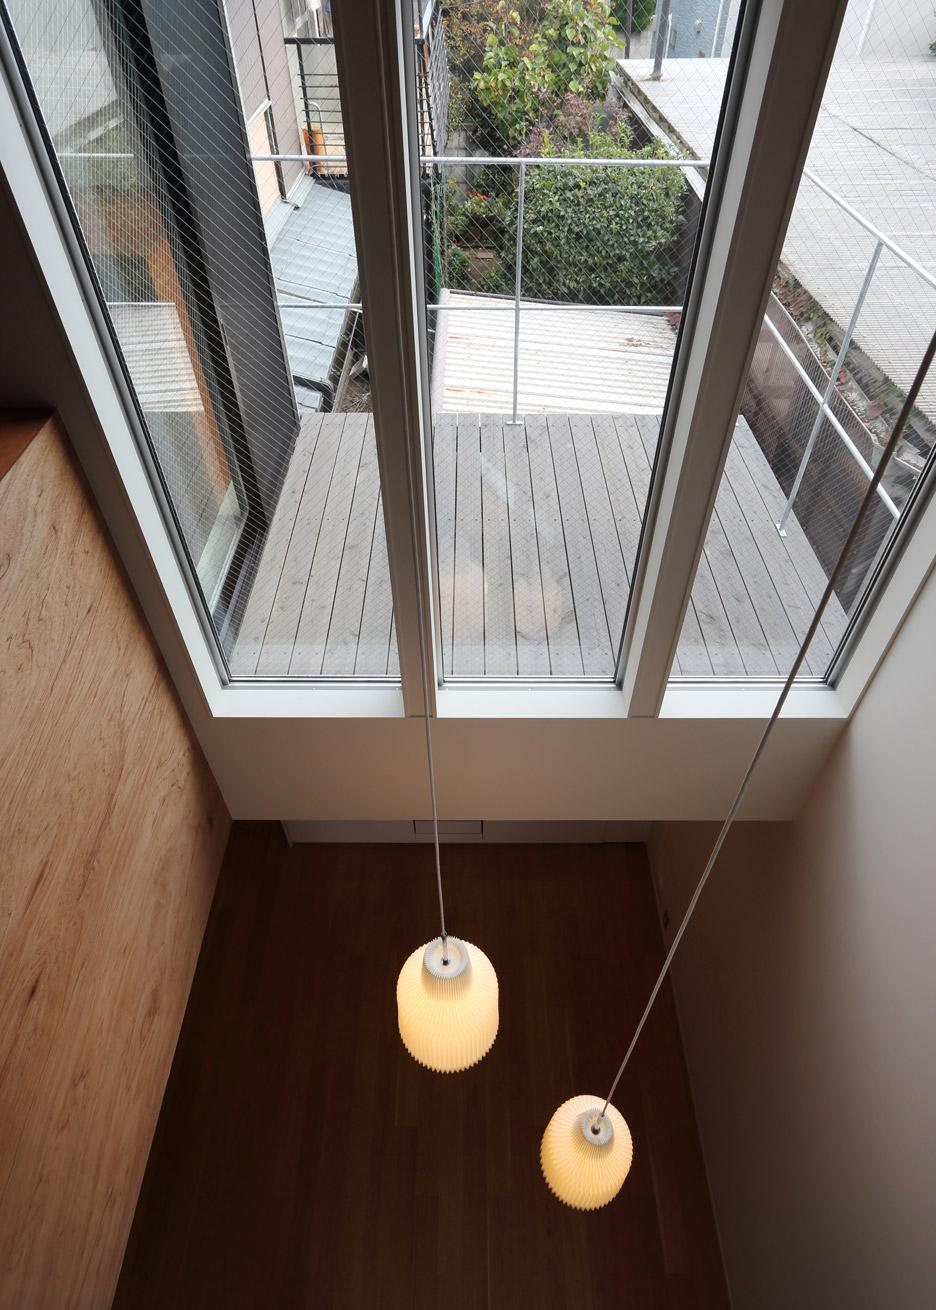 Căn nhà cấp 4 với thiết kế ấm cúng, lãng mạn bên cây hoa anh đào nở rộ - Ảnh 3.